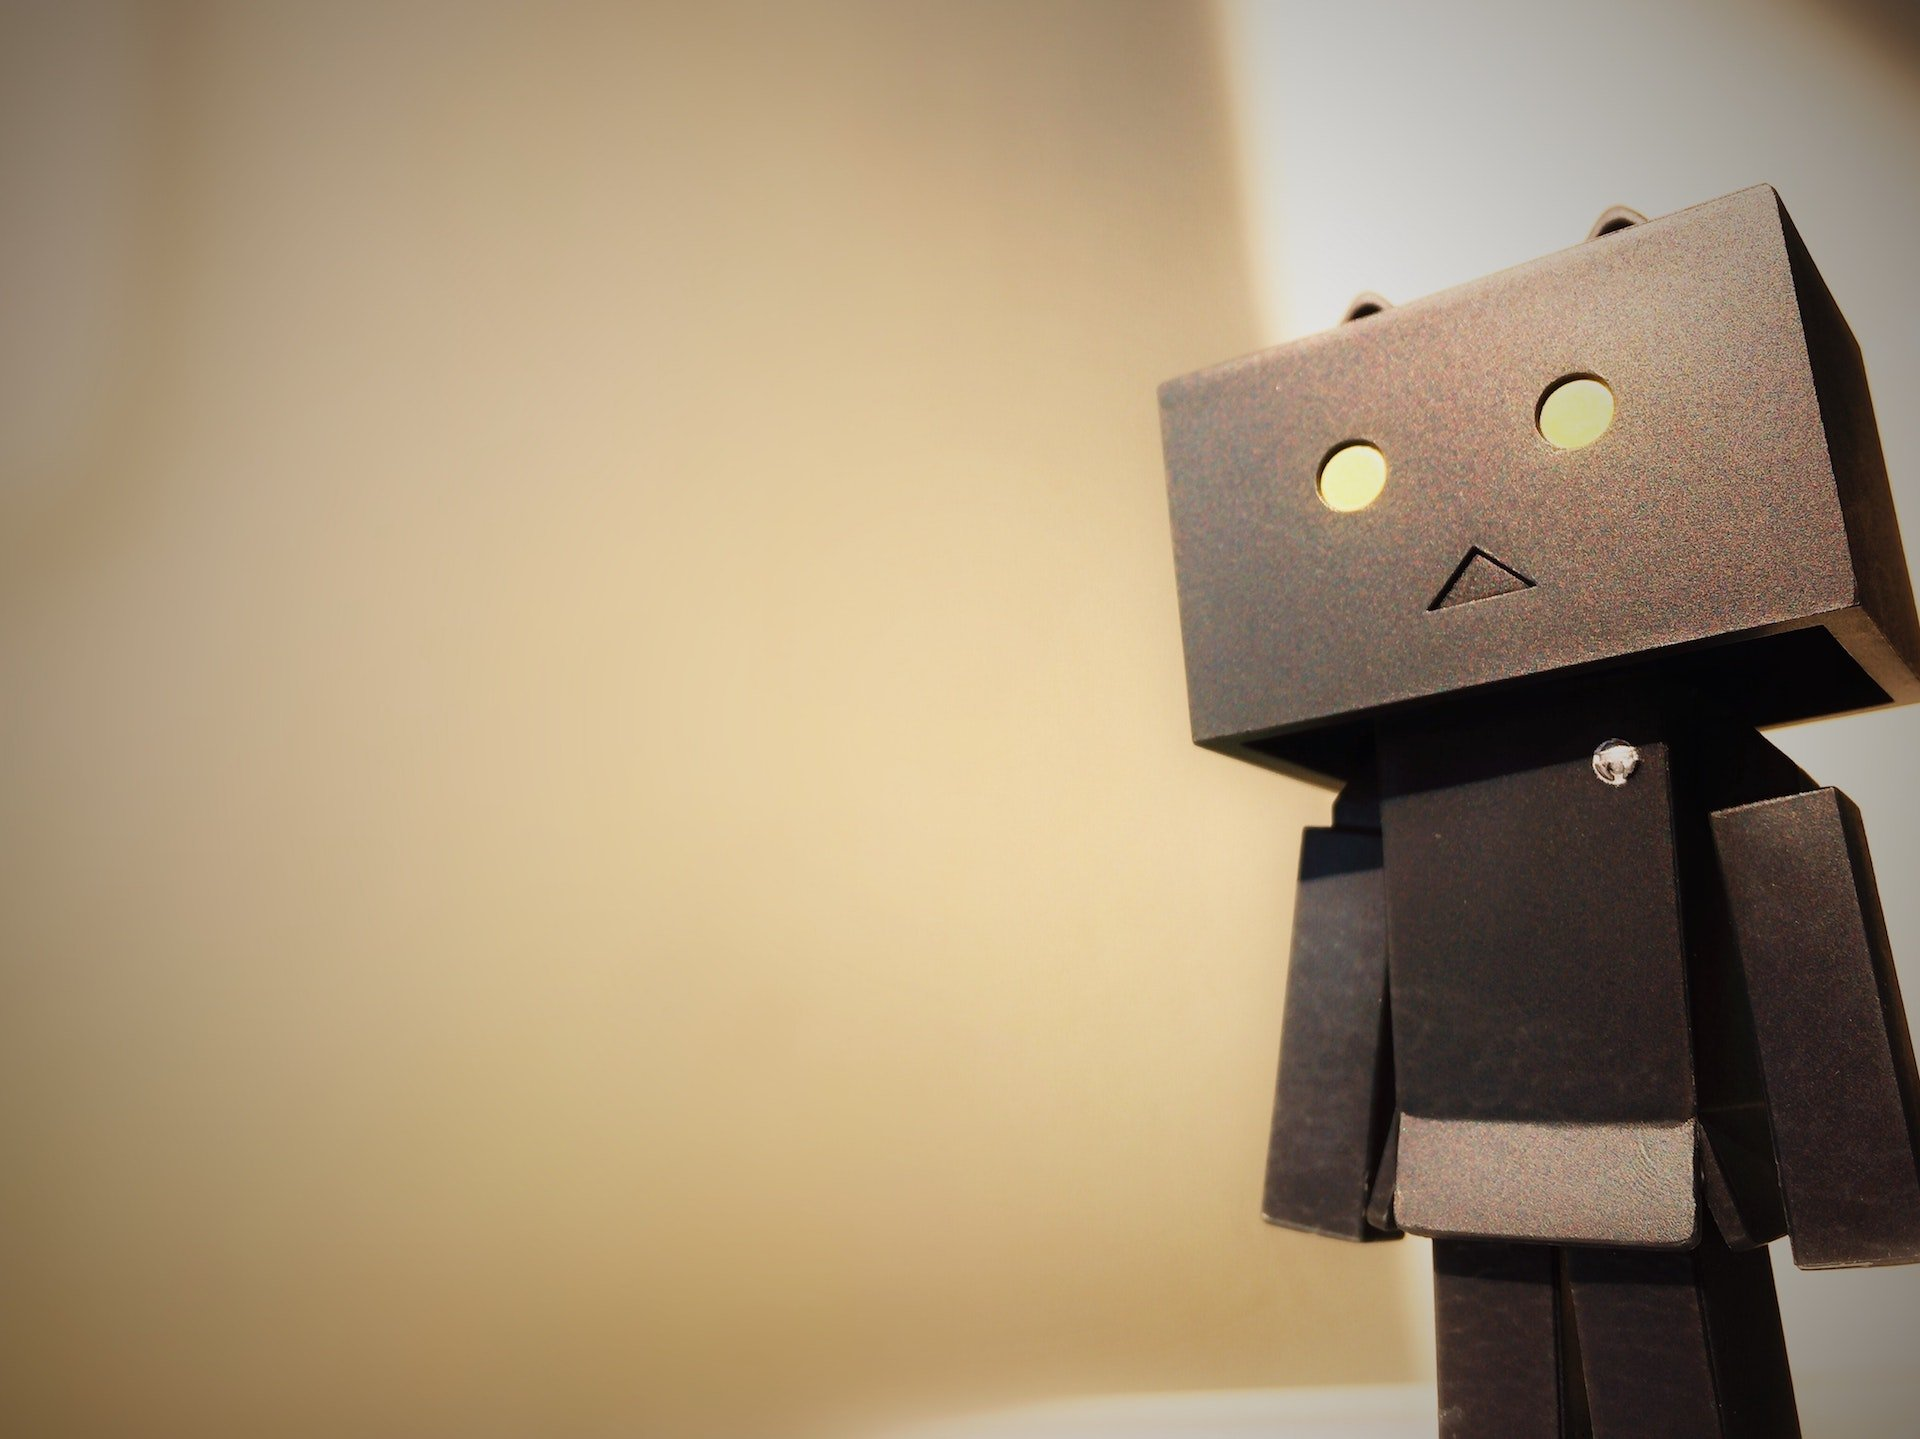 El impacto de los vídeos de unboxing de juguetes en los niños